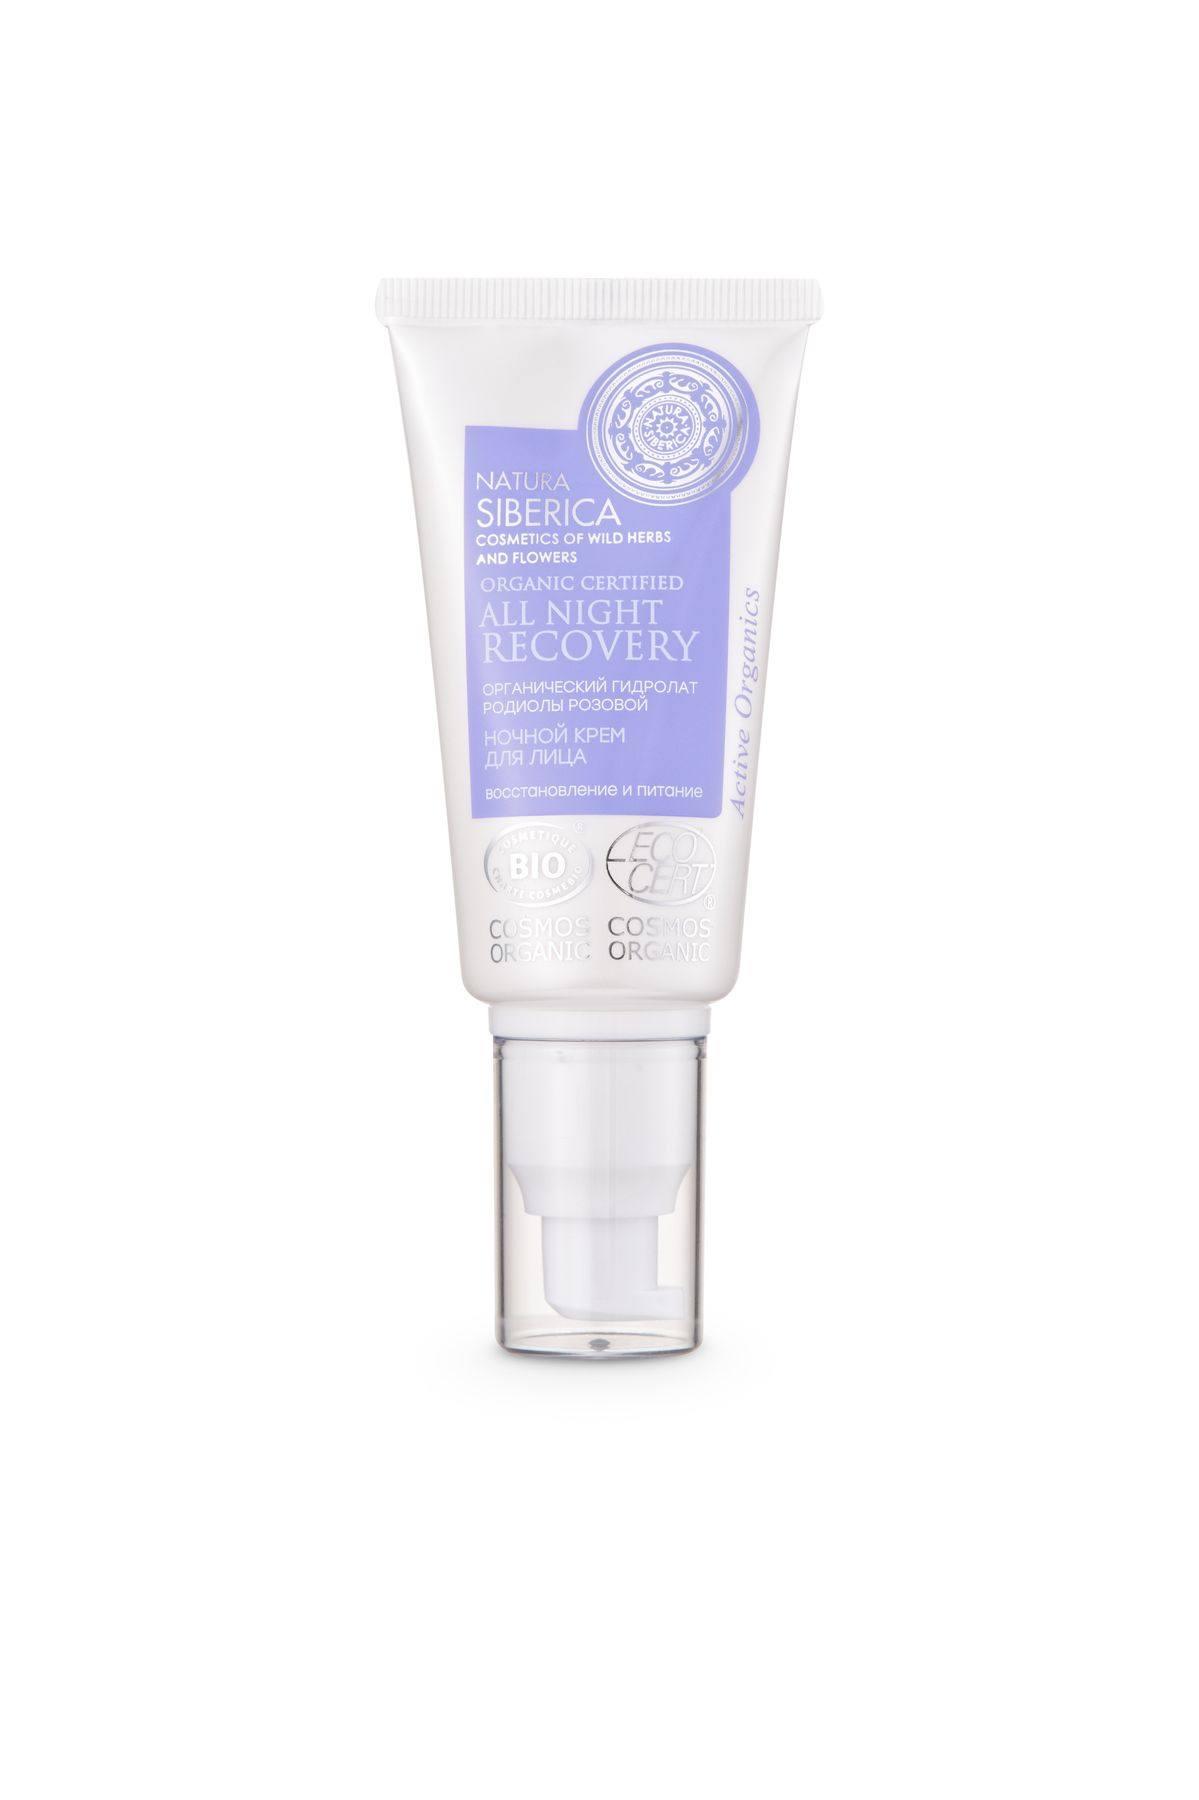 Купить Natura Siberica Cosmos Органический сертифицированный ночной крем для лица для чувствительной кожи, 50 мл (shop: Organic-shops Organic shops)